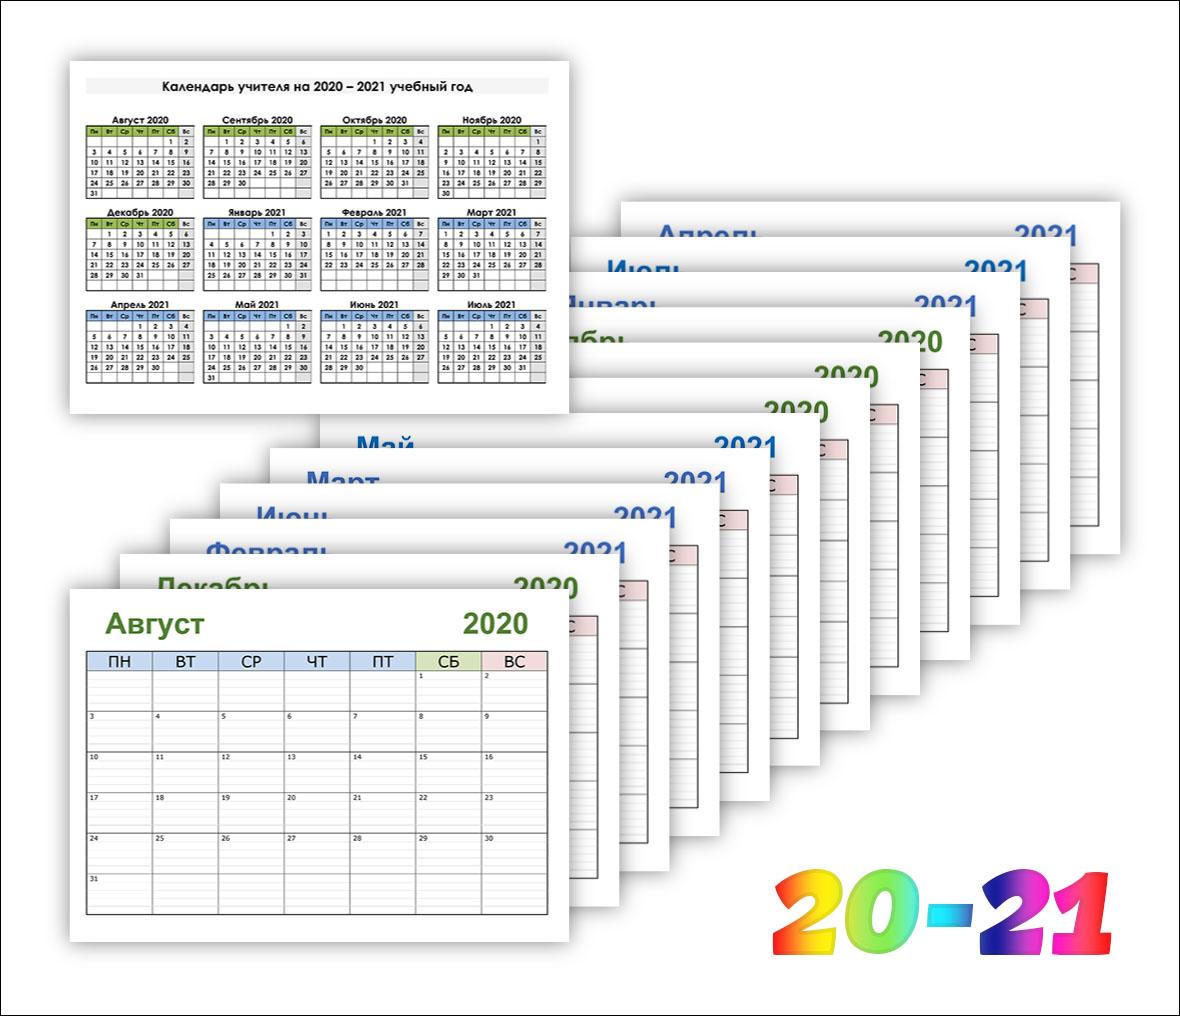 Календарь учителя на 2020-2021 год